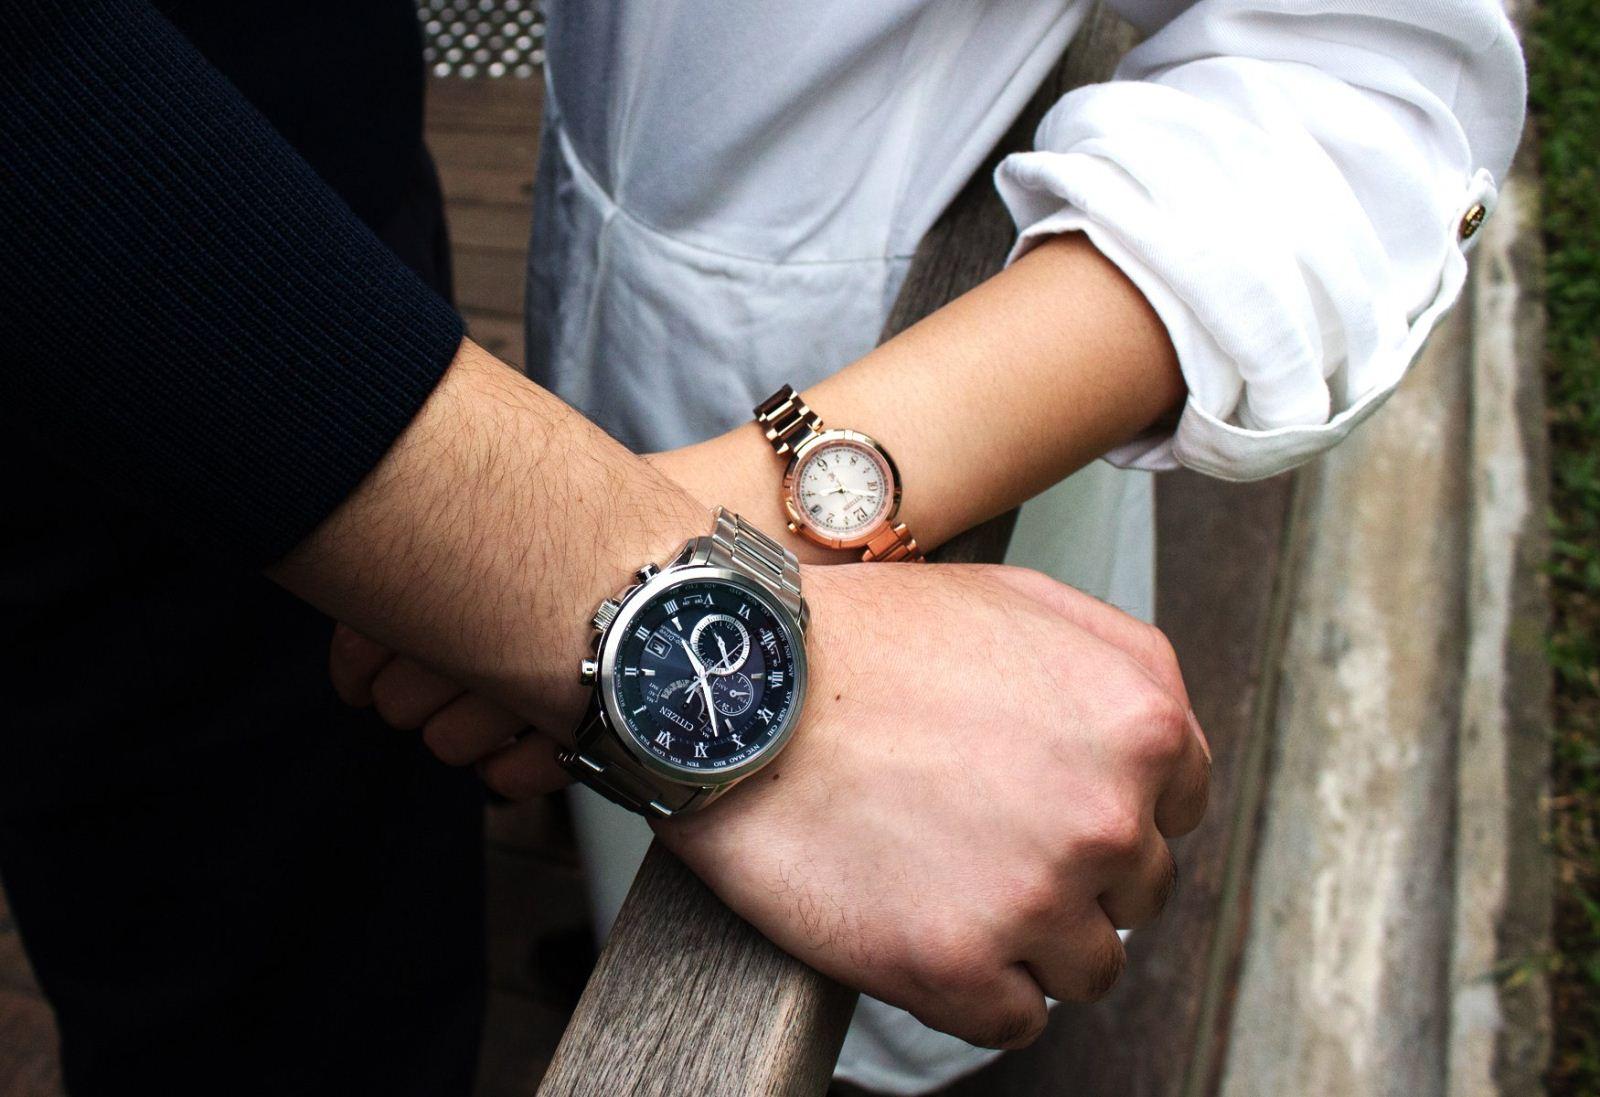 luxshopping đồng hồ citizen - Thân thiện với môi trường